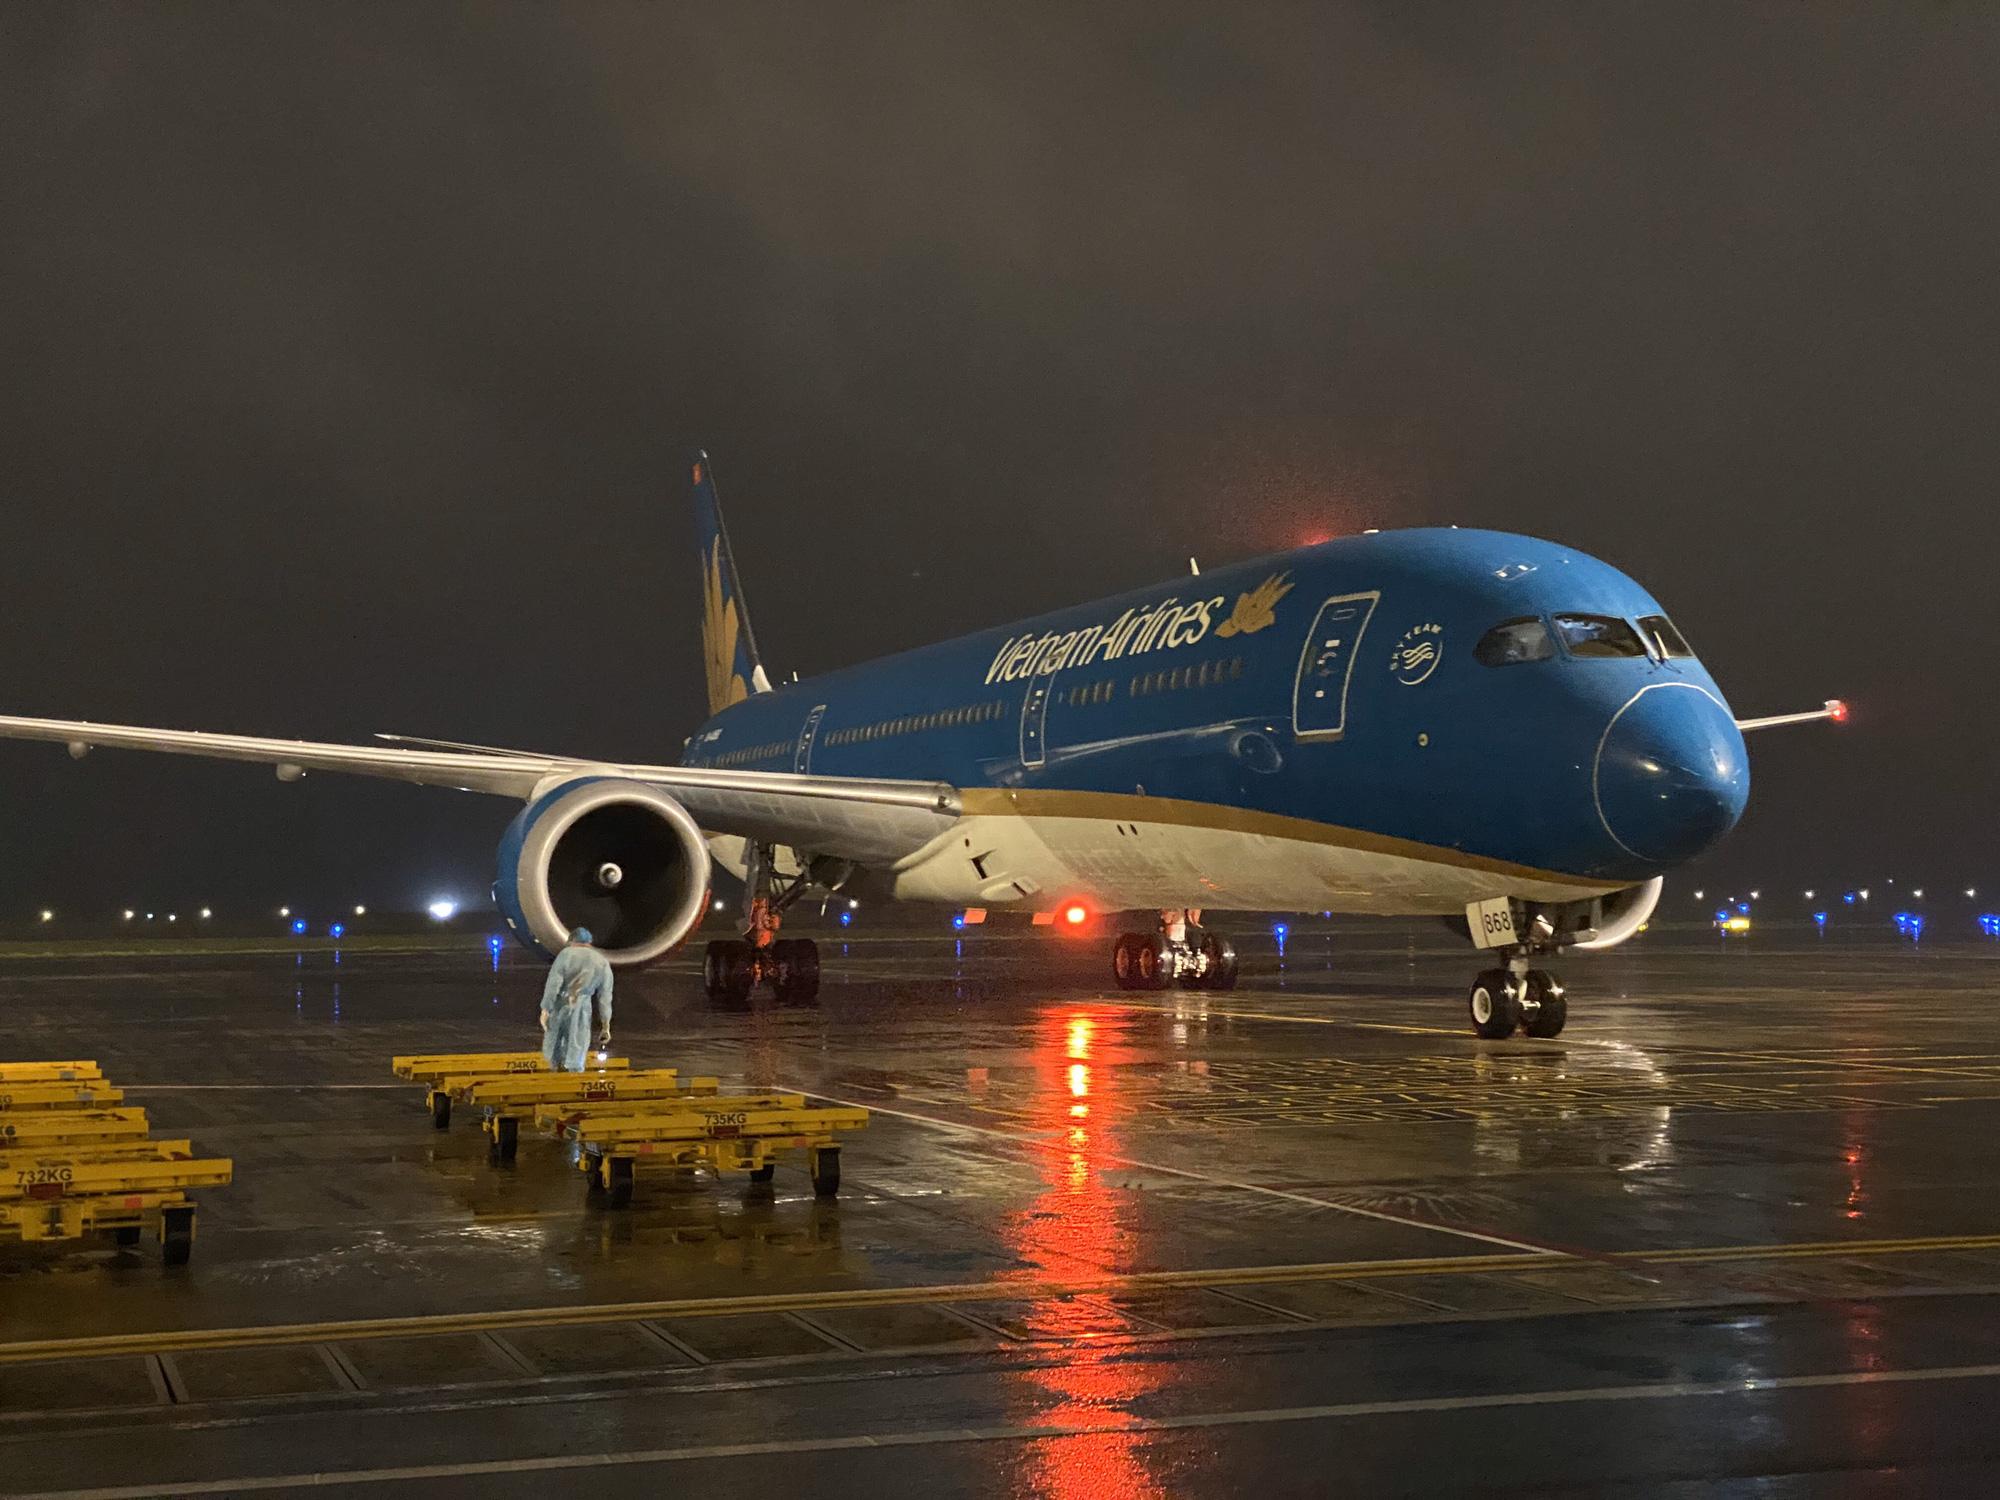 Các hãng hàng không Việt chính thức dừng bay quốc tế từ hôm nay, 25/3 - Ảnh 1.